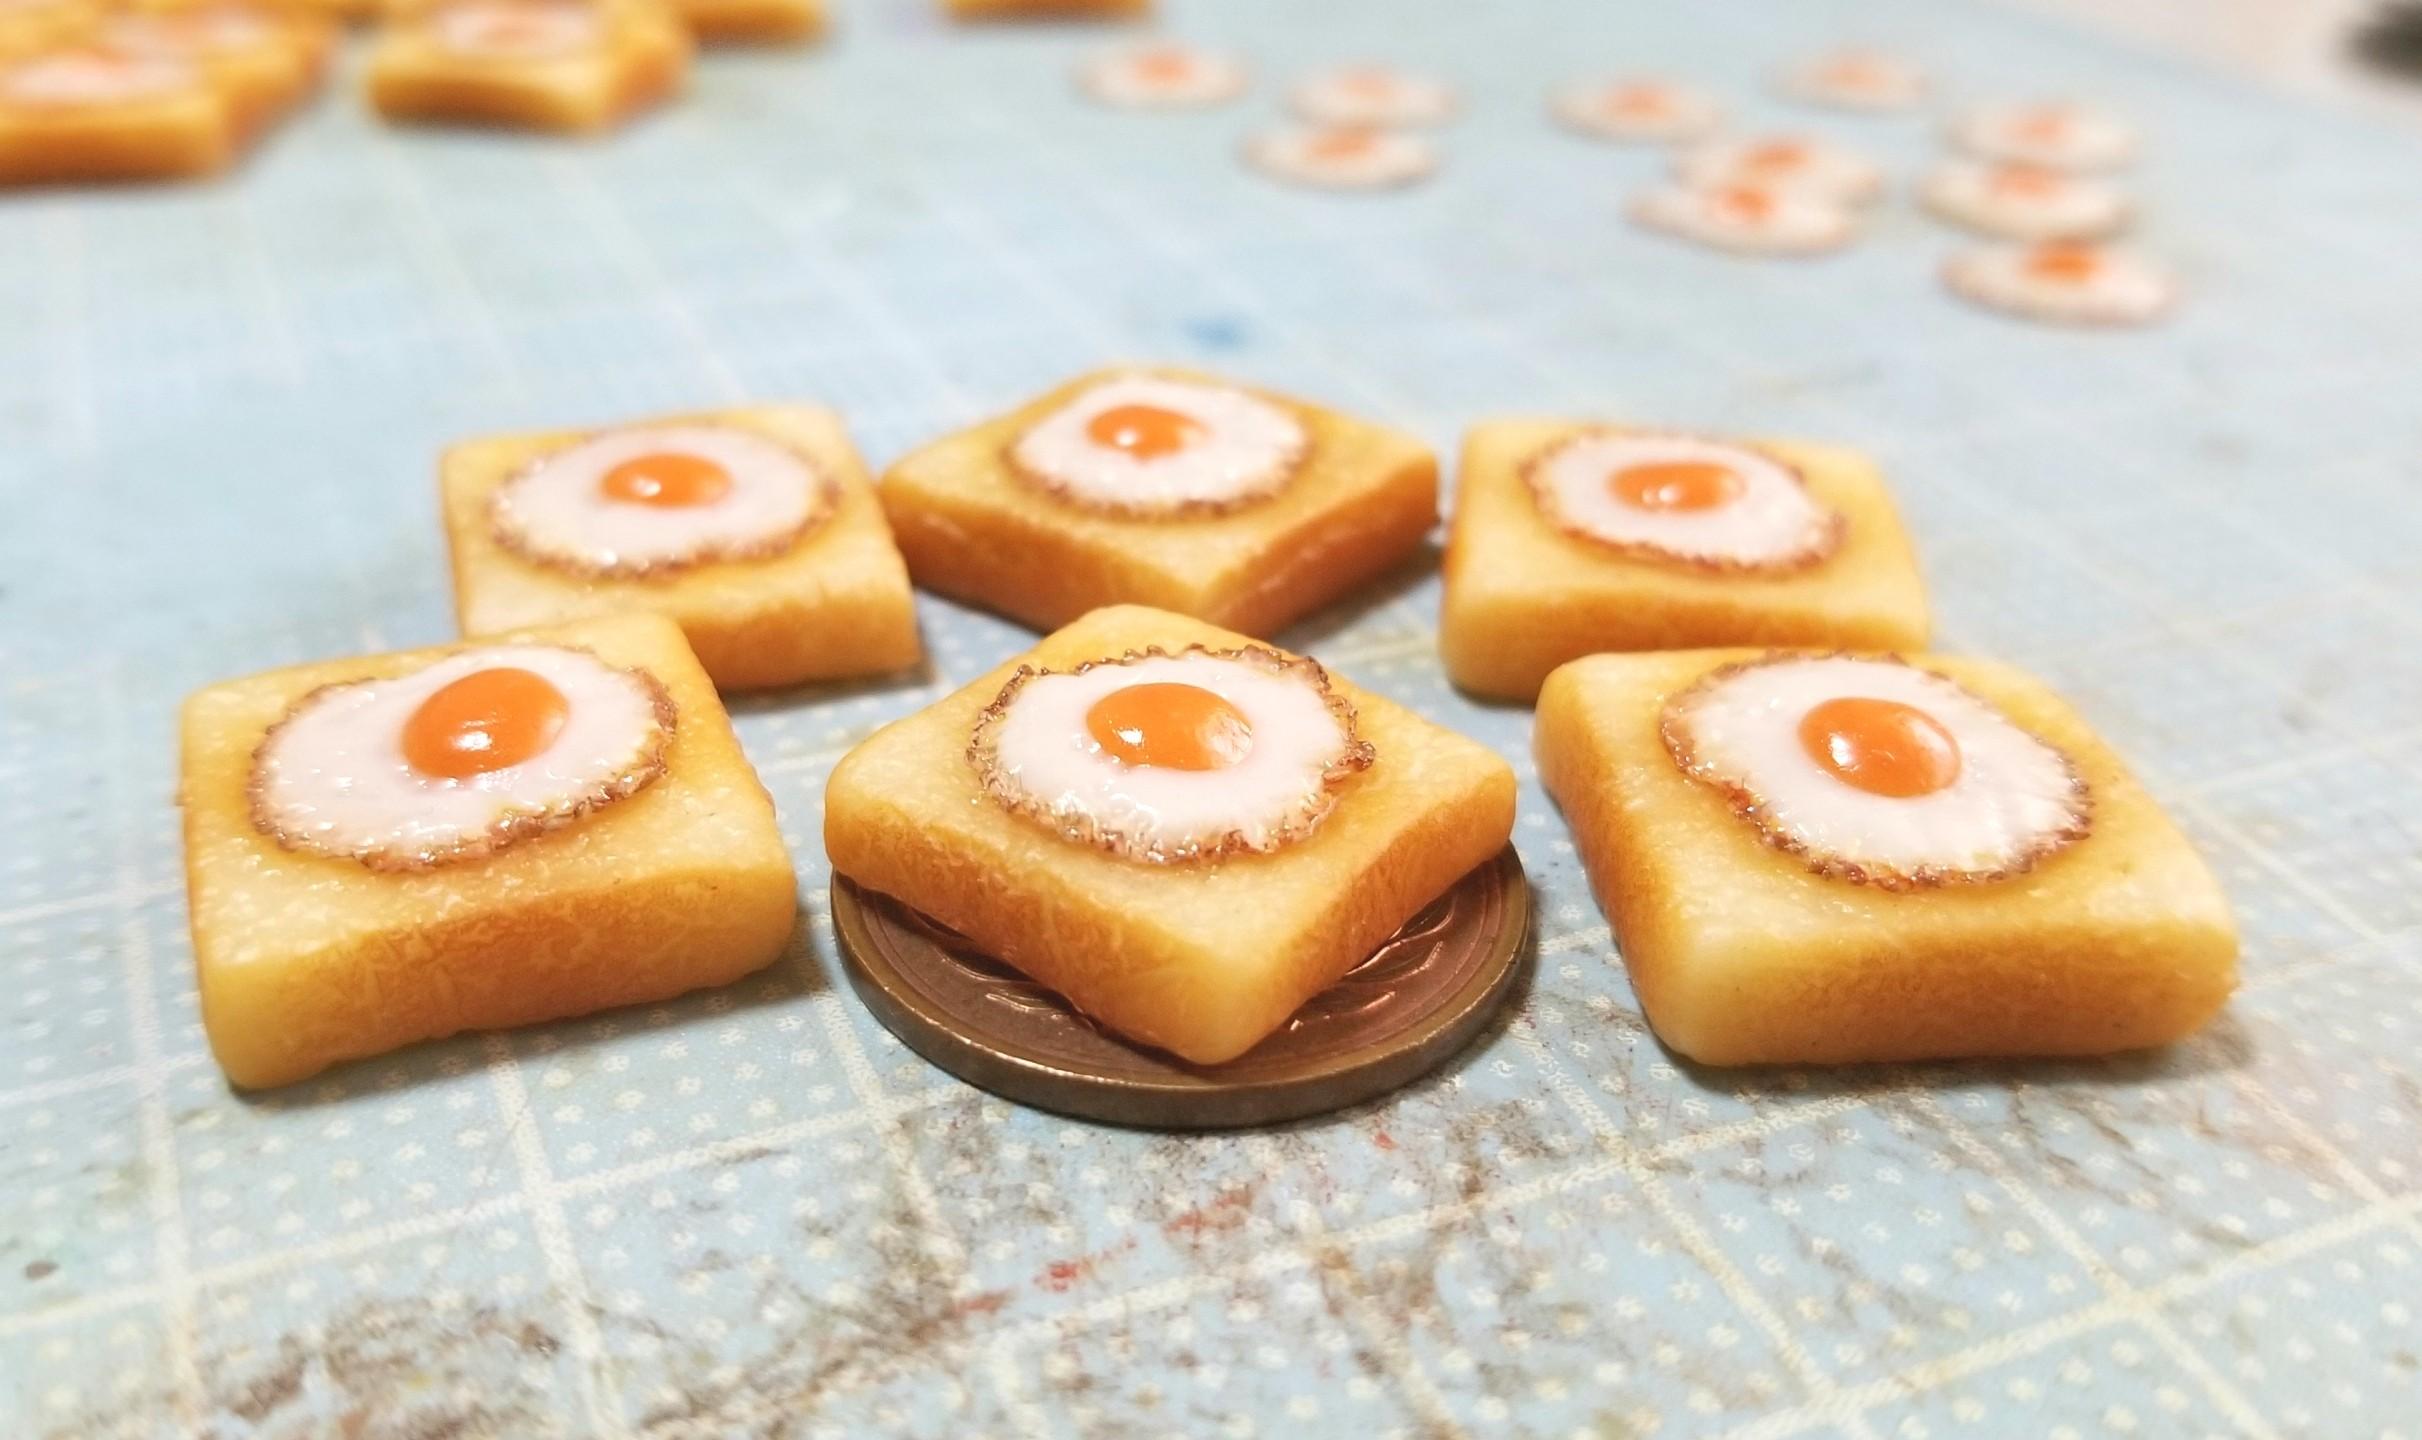 ラピュタパン,トースト,作り方,樹脂粘土,食パン,オビツろいど,人形